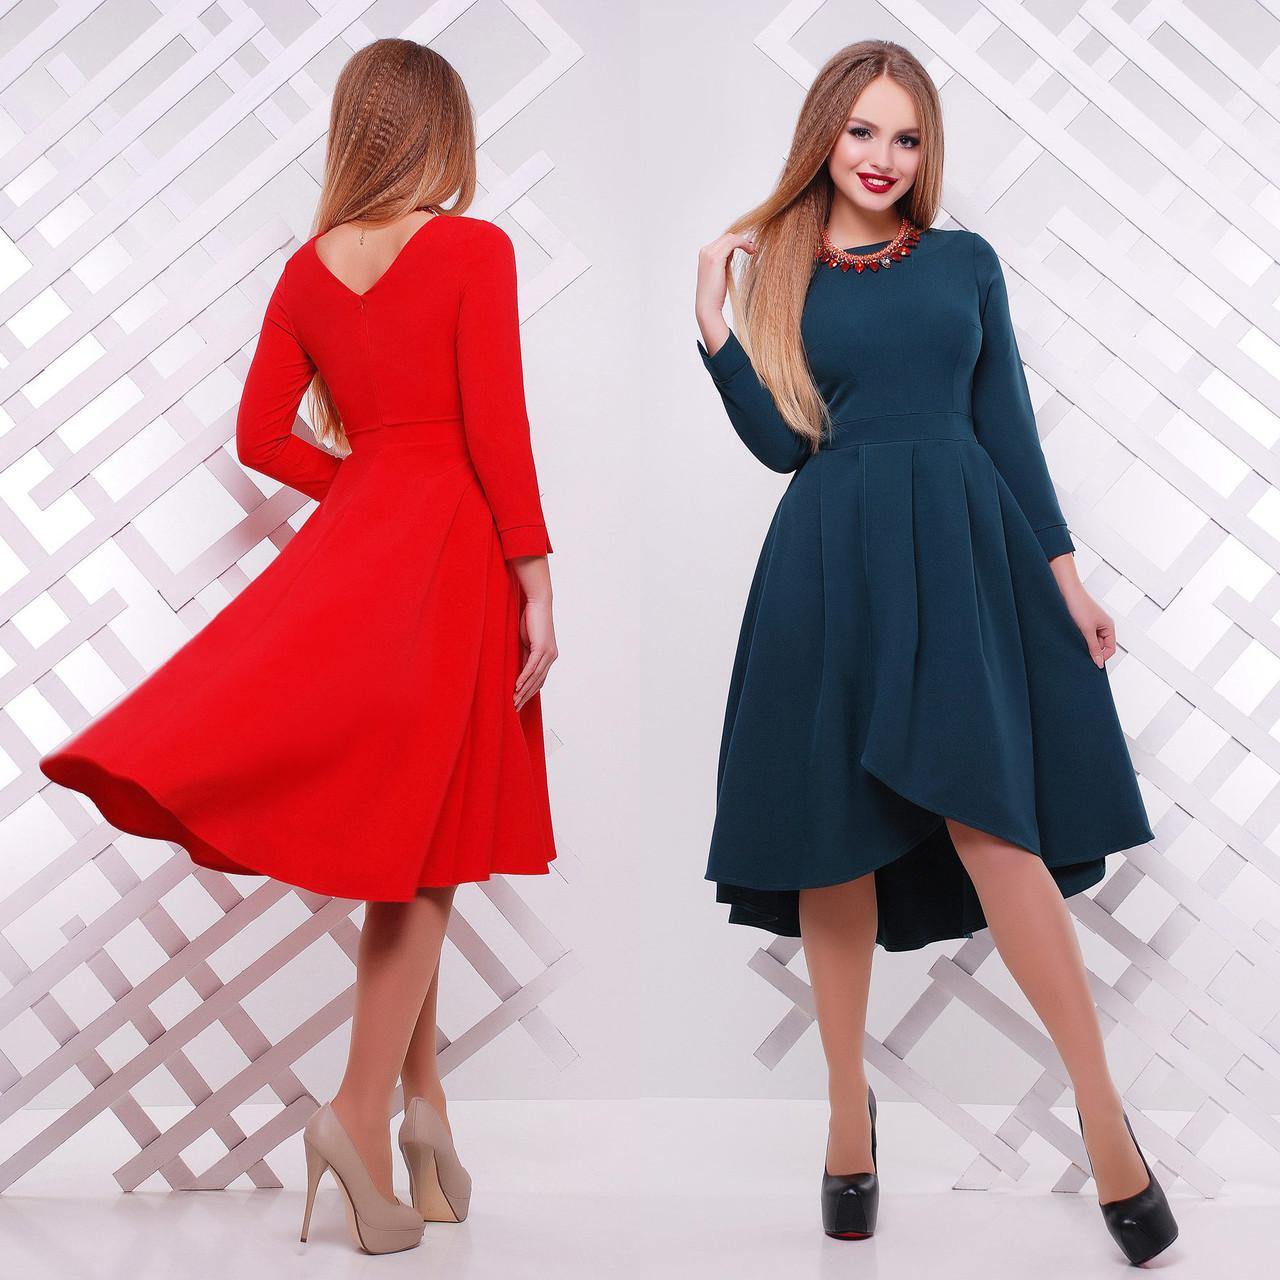 c22fd1da1ff Купить Платье миди с асимметричной пышной юбкой по лучшей цене в ...